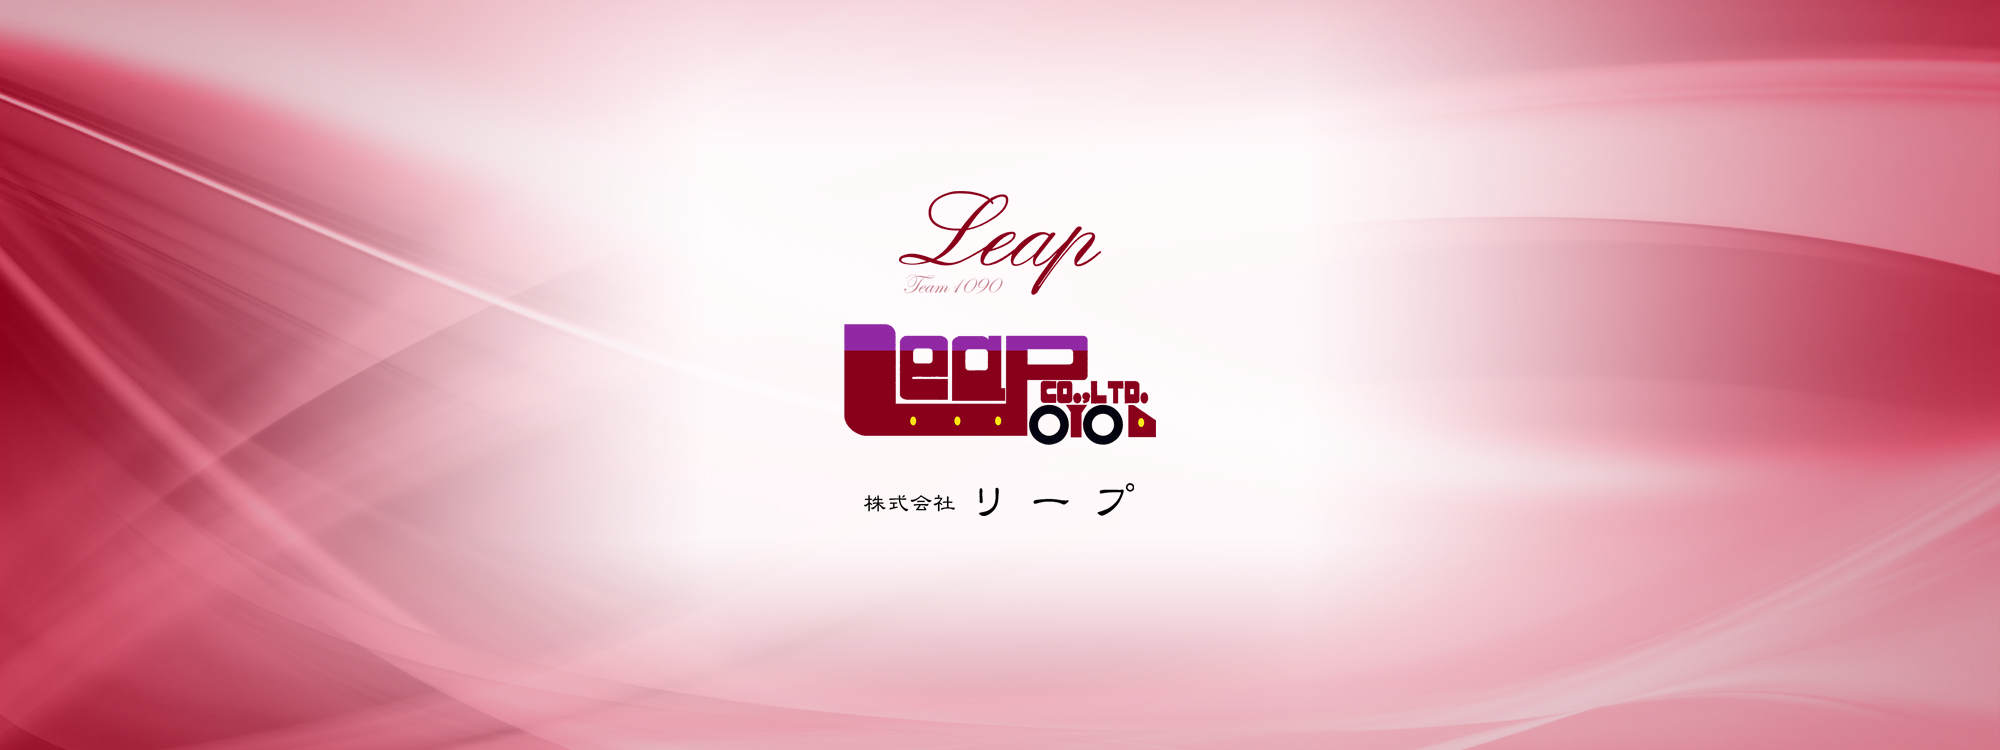 pc_teaser_01_01